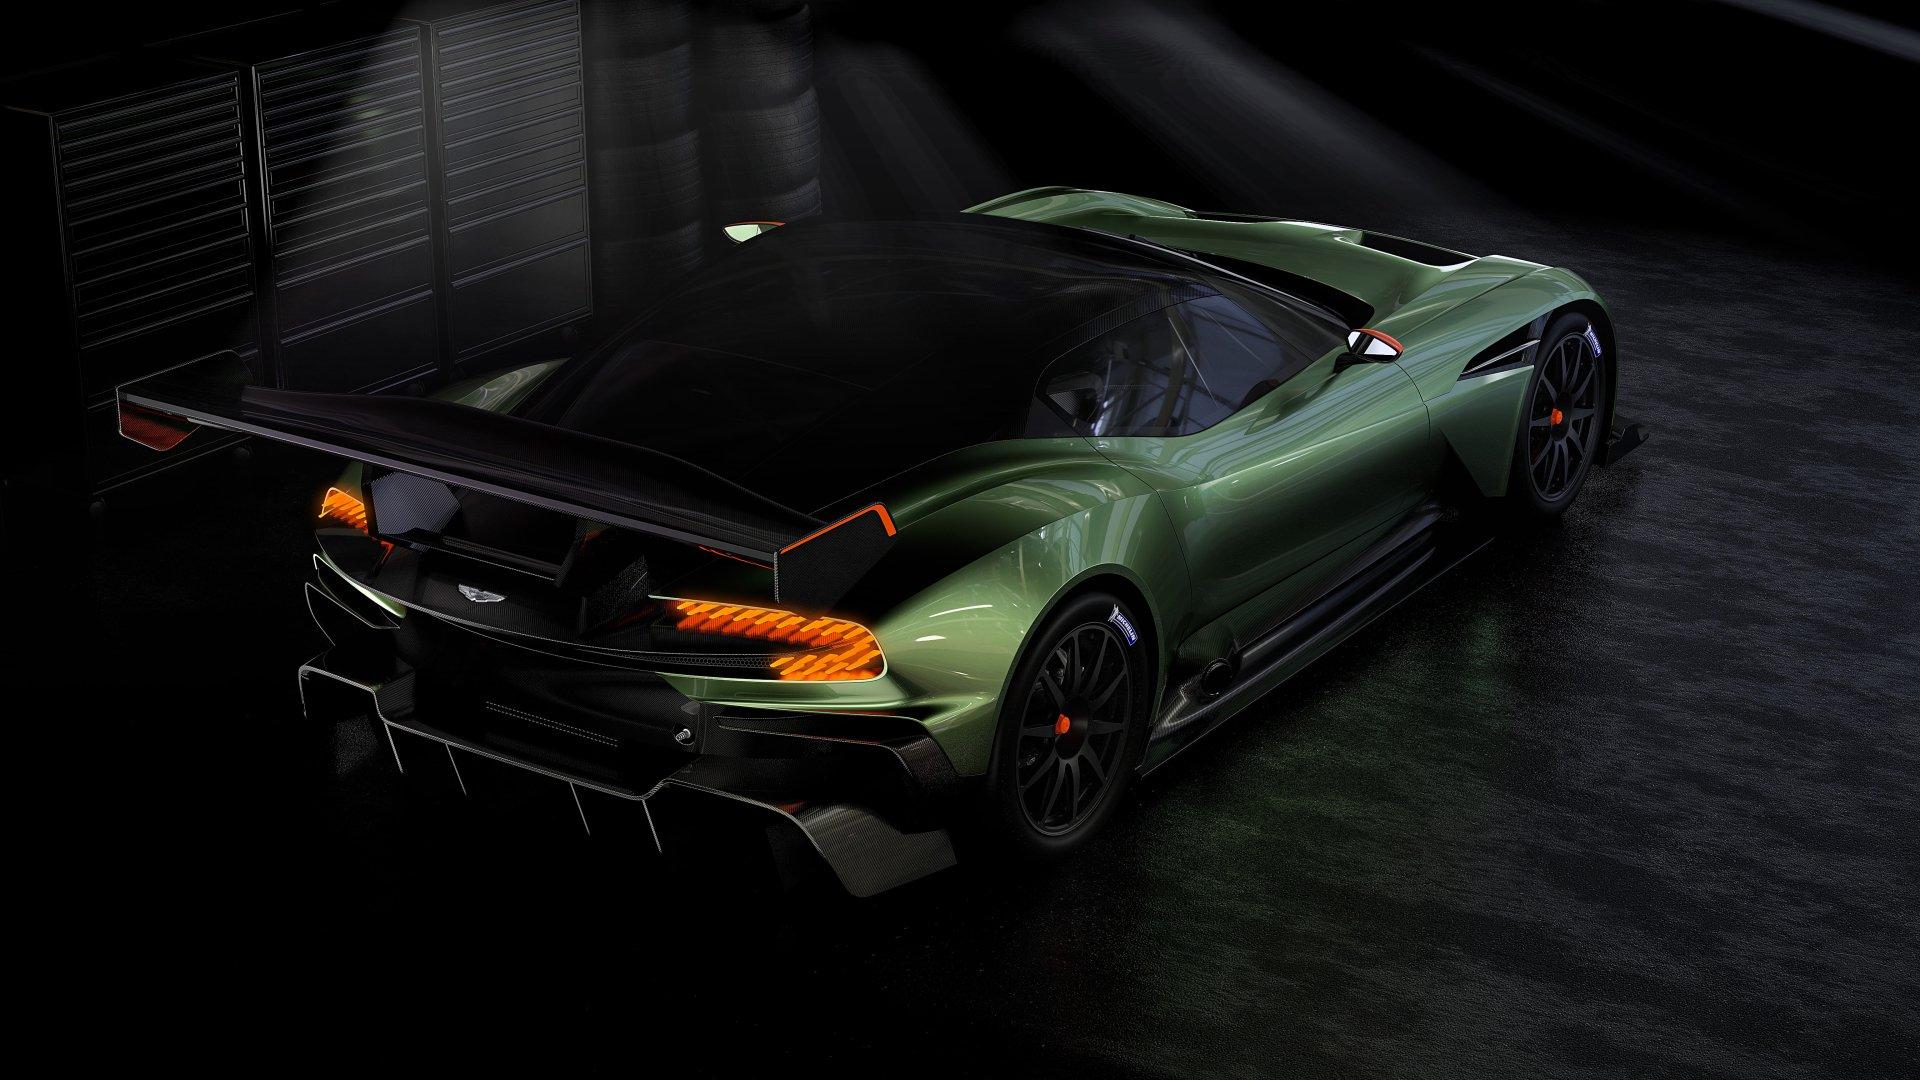 Vehicles - Aston Martin Vulcan  Aston Martin Race Car Hypercar Green Car Wallpaper